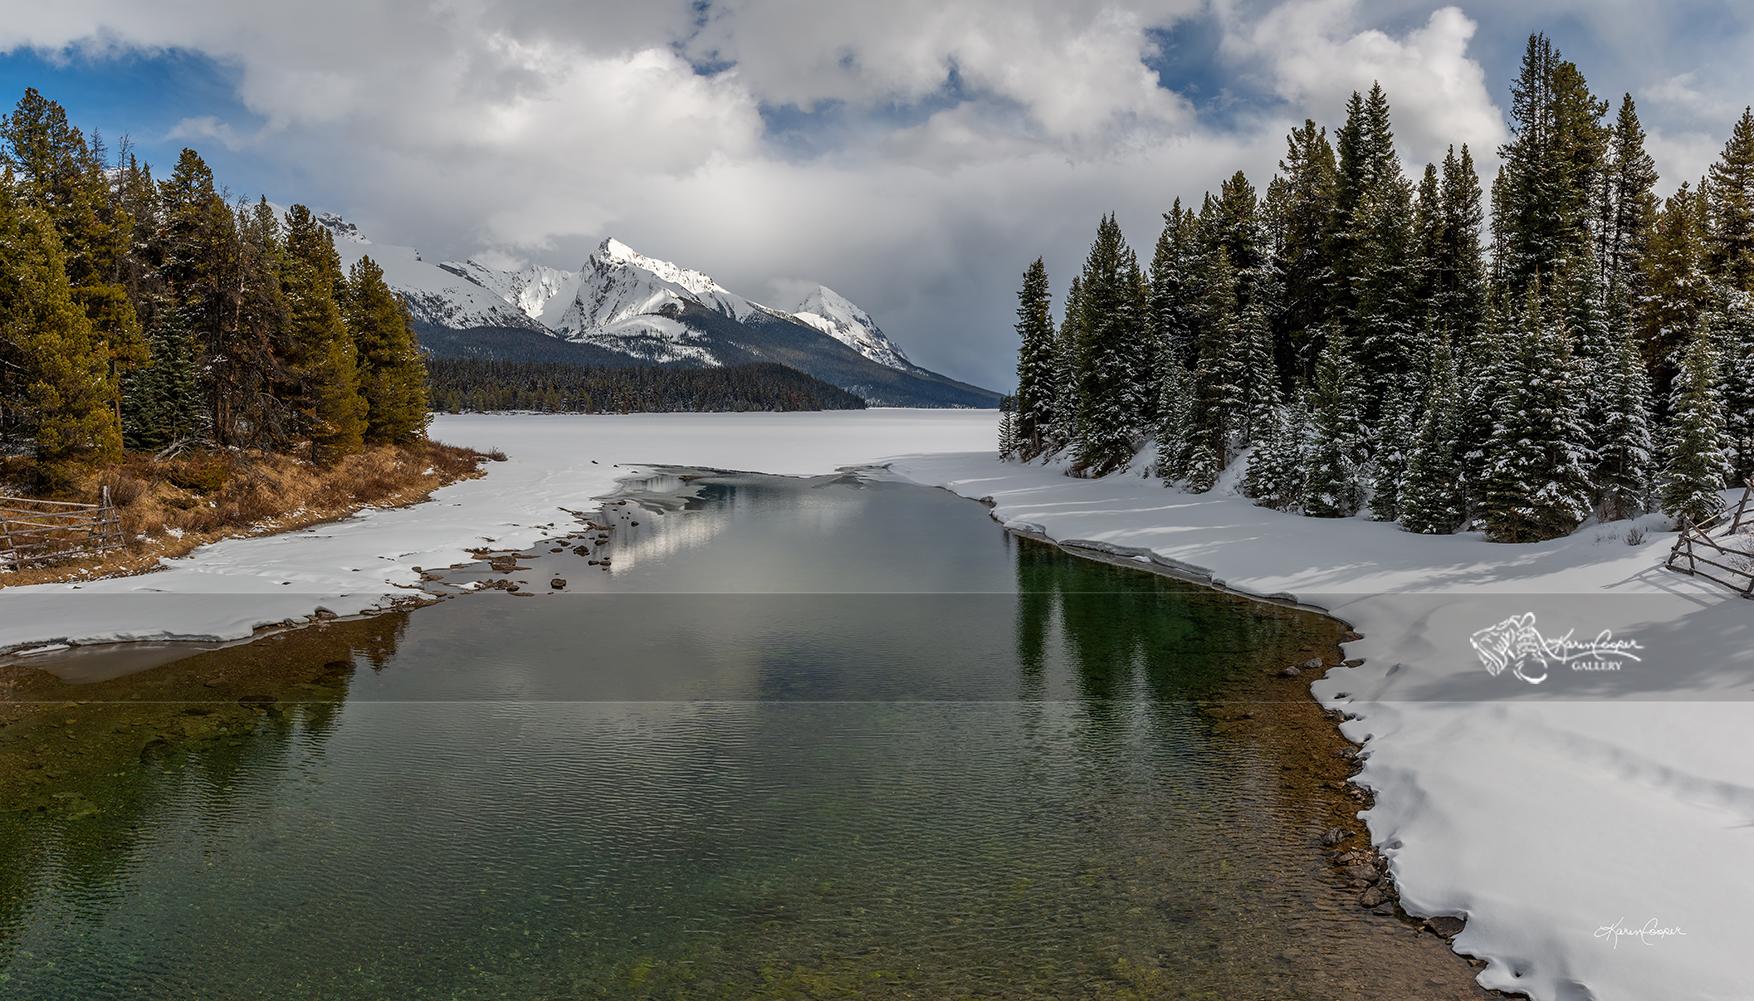 Maligne Lake in Springtime